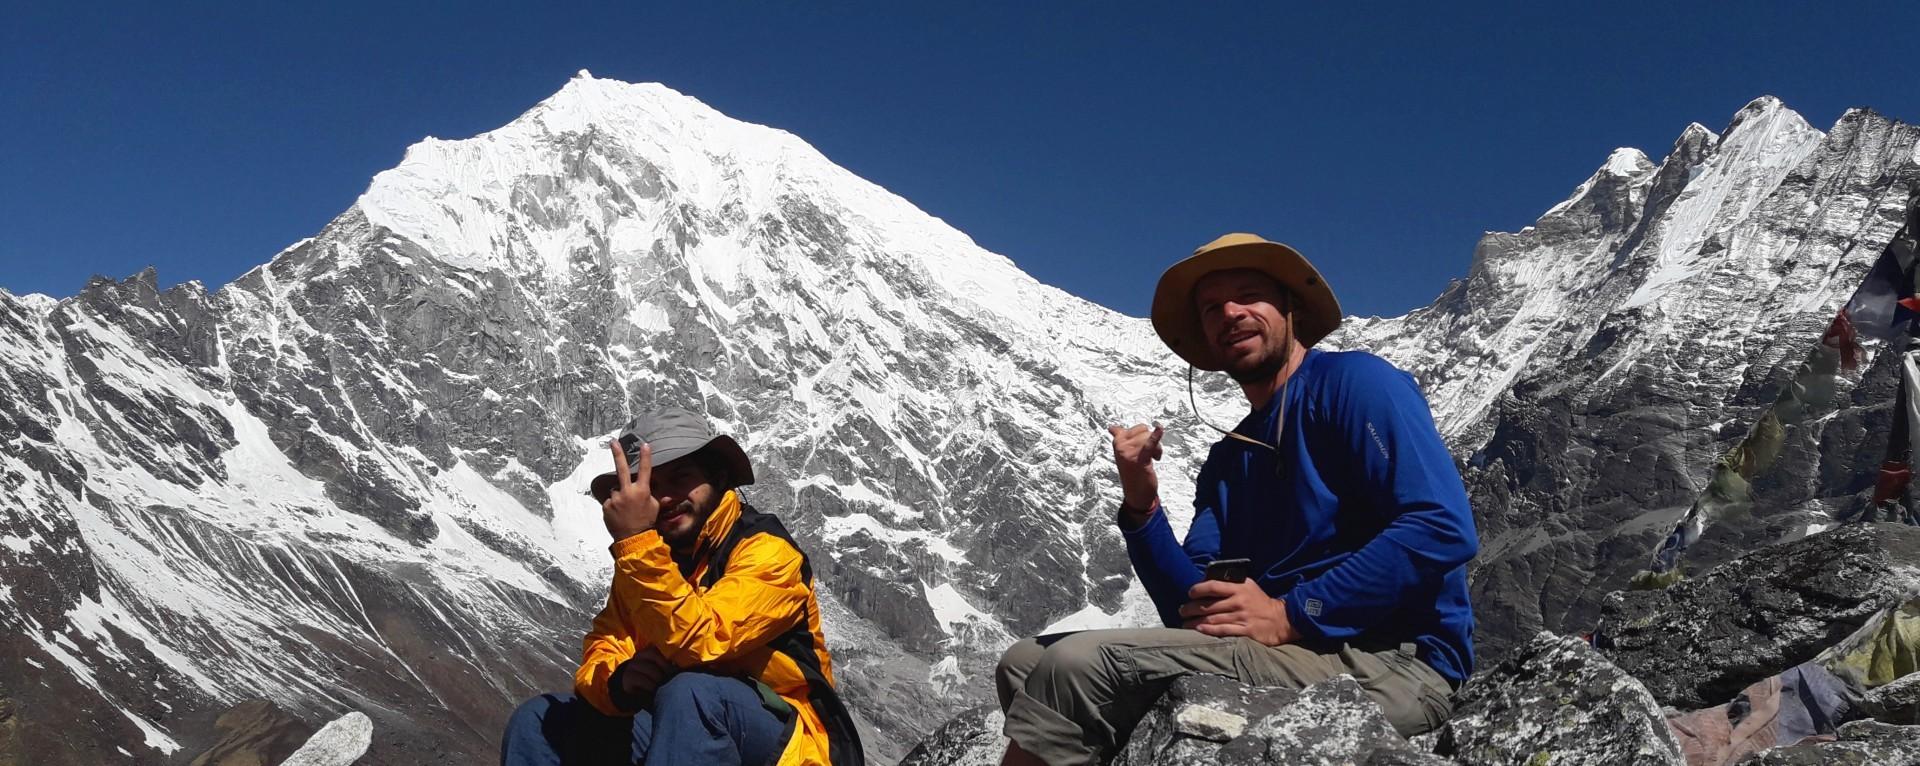 Everest trekking, khumbu trekking, khumbu region